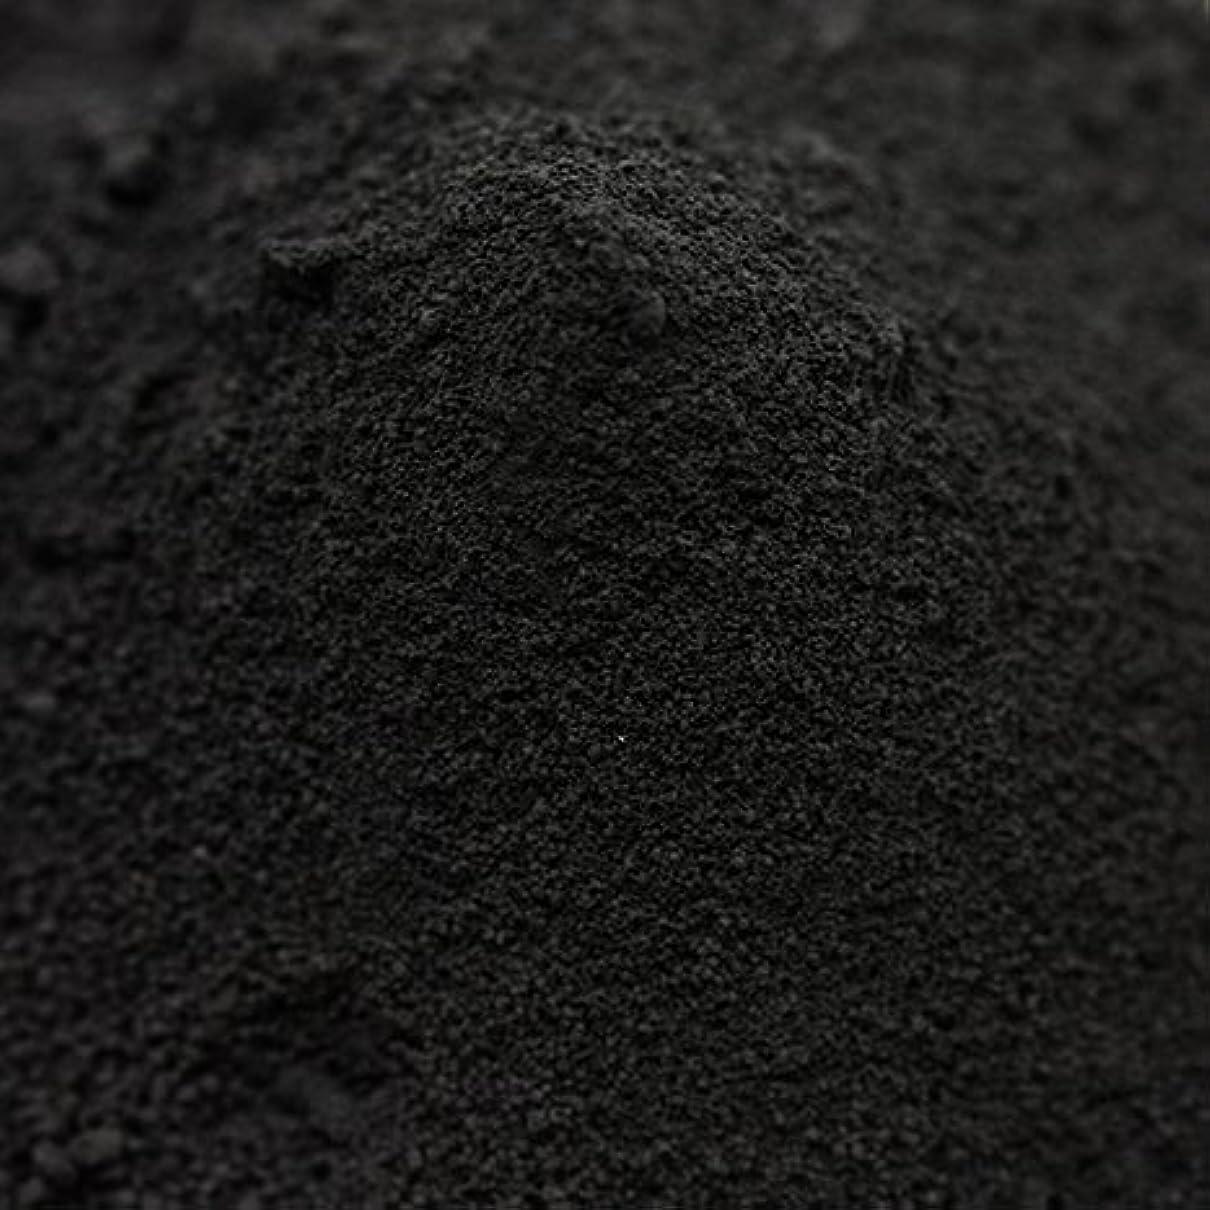 スケルトン評判計算竹炭パウダー(超微粉末) 20g 【手作り石鹸/手作りコスメに】